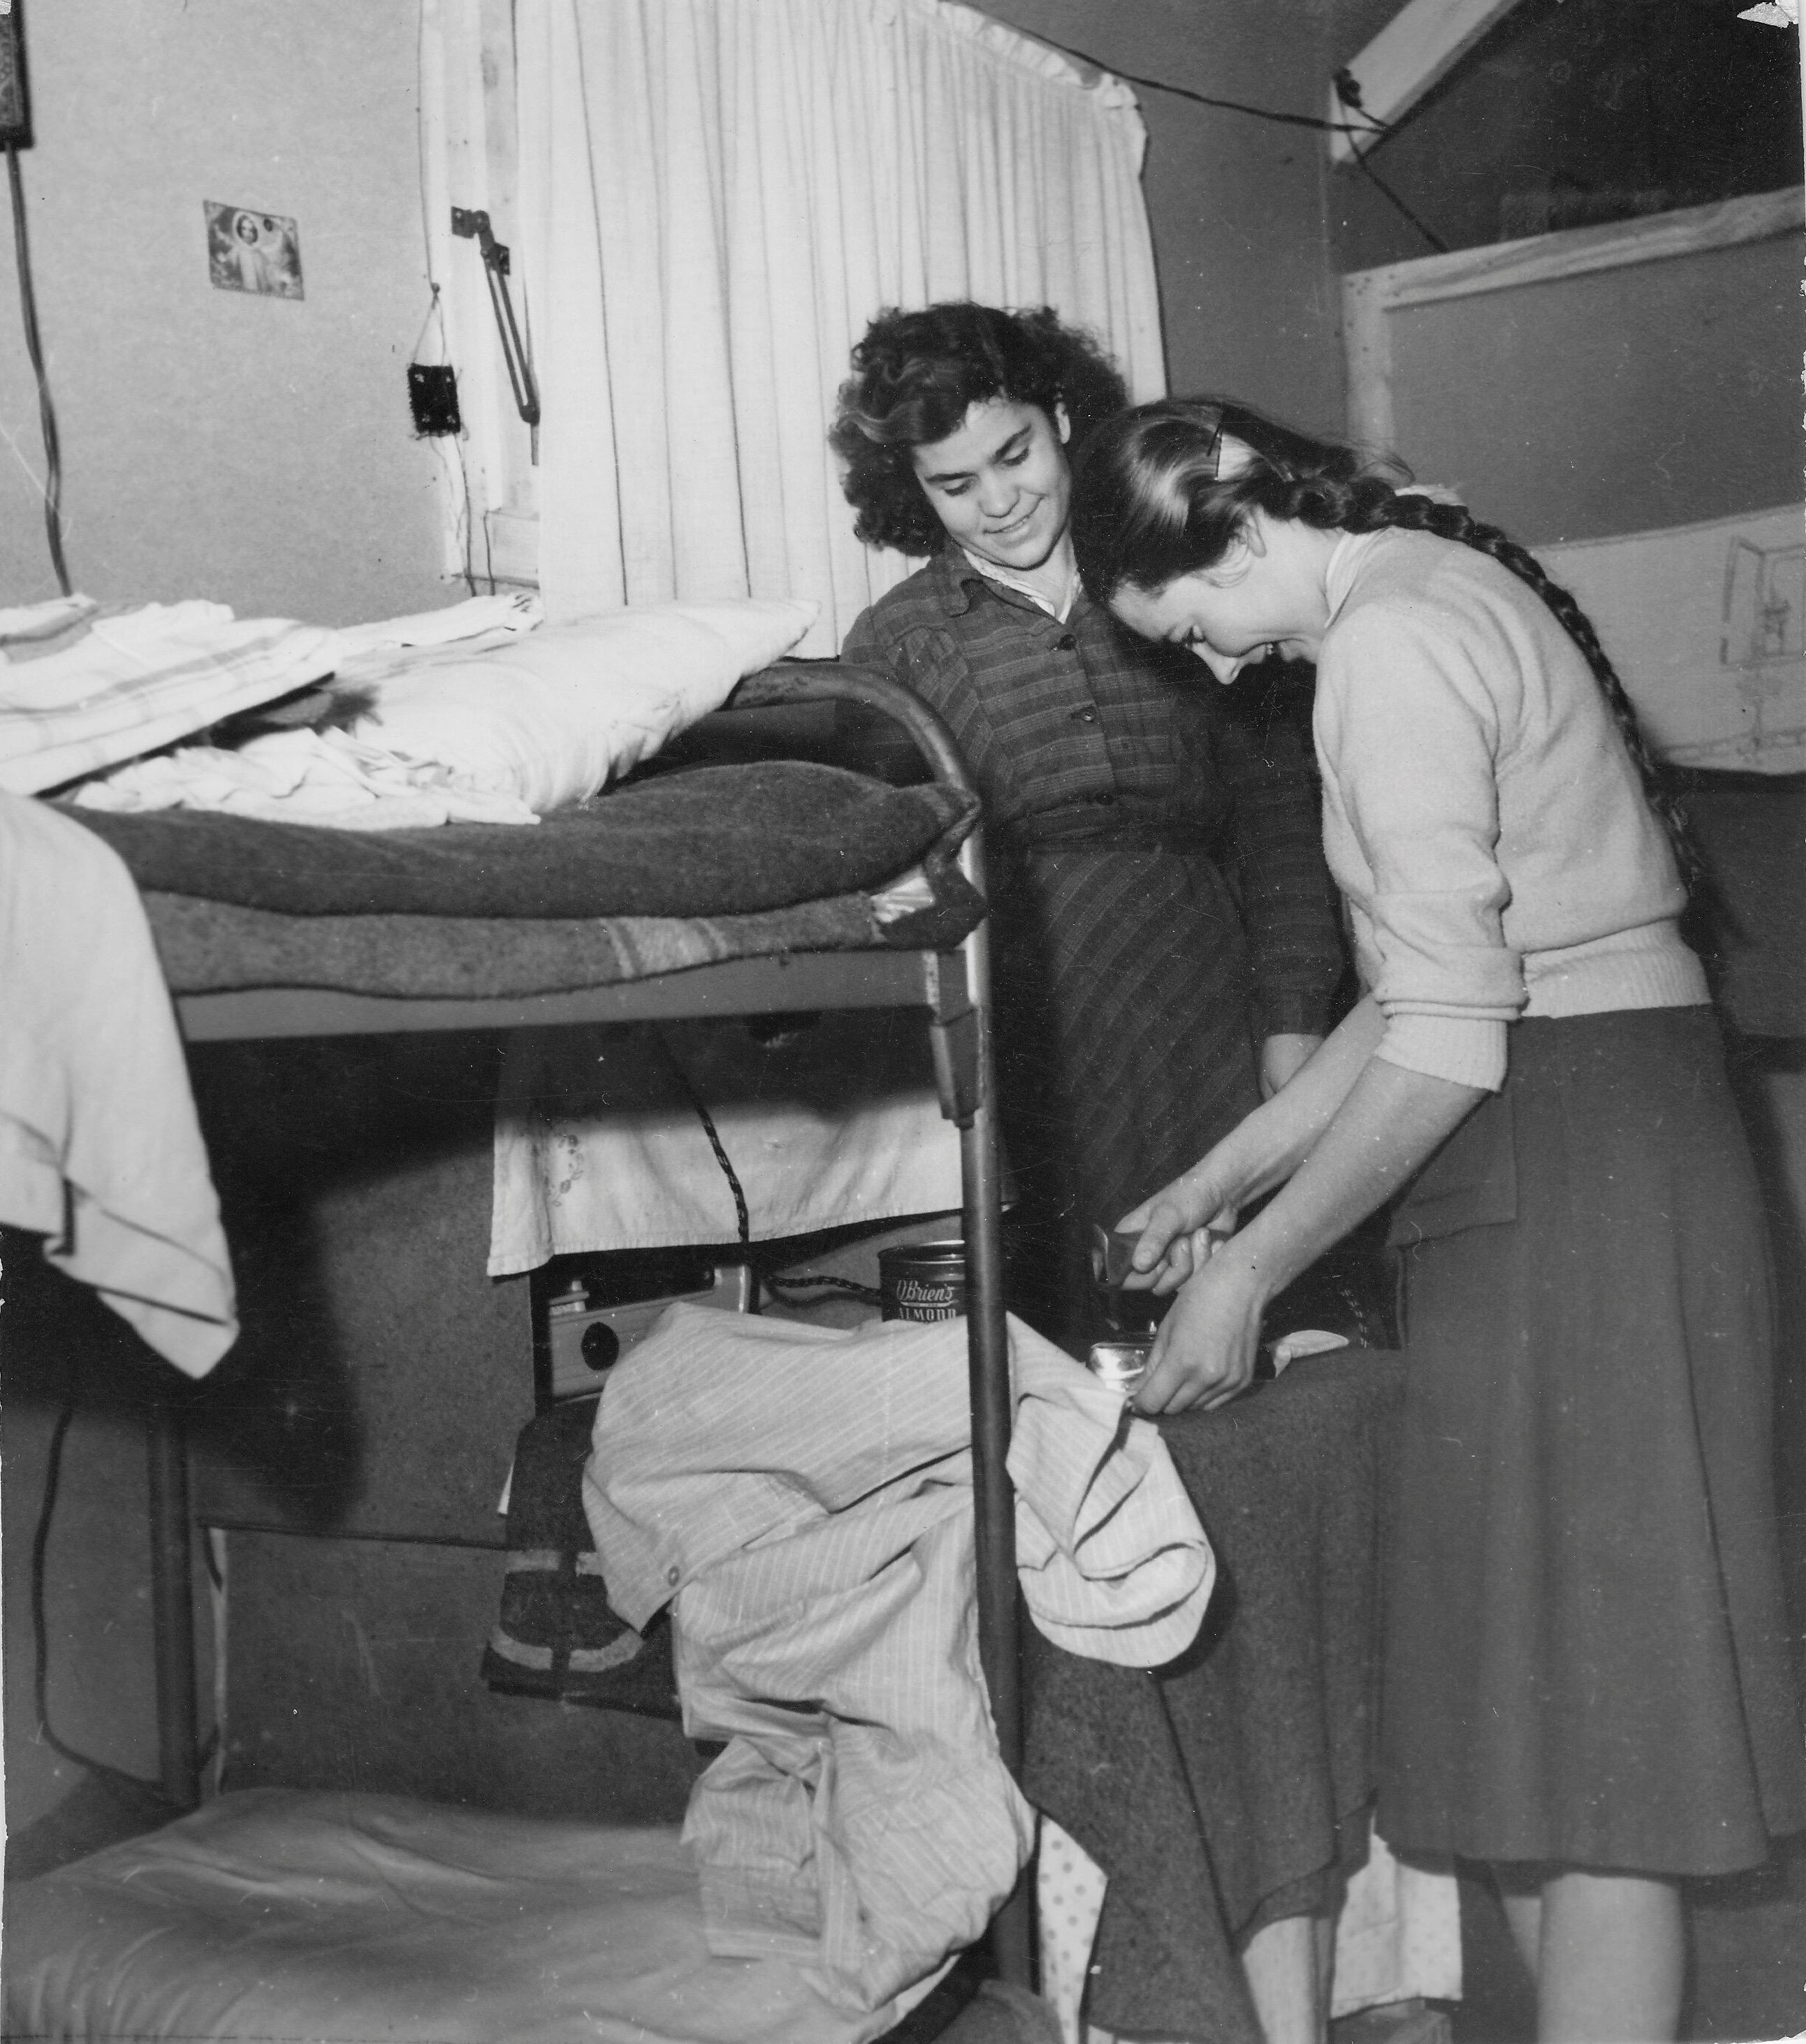 San Sabba camp barracks cubicles 1950-51